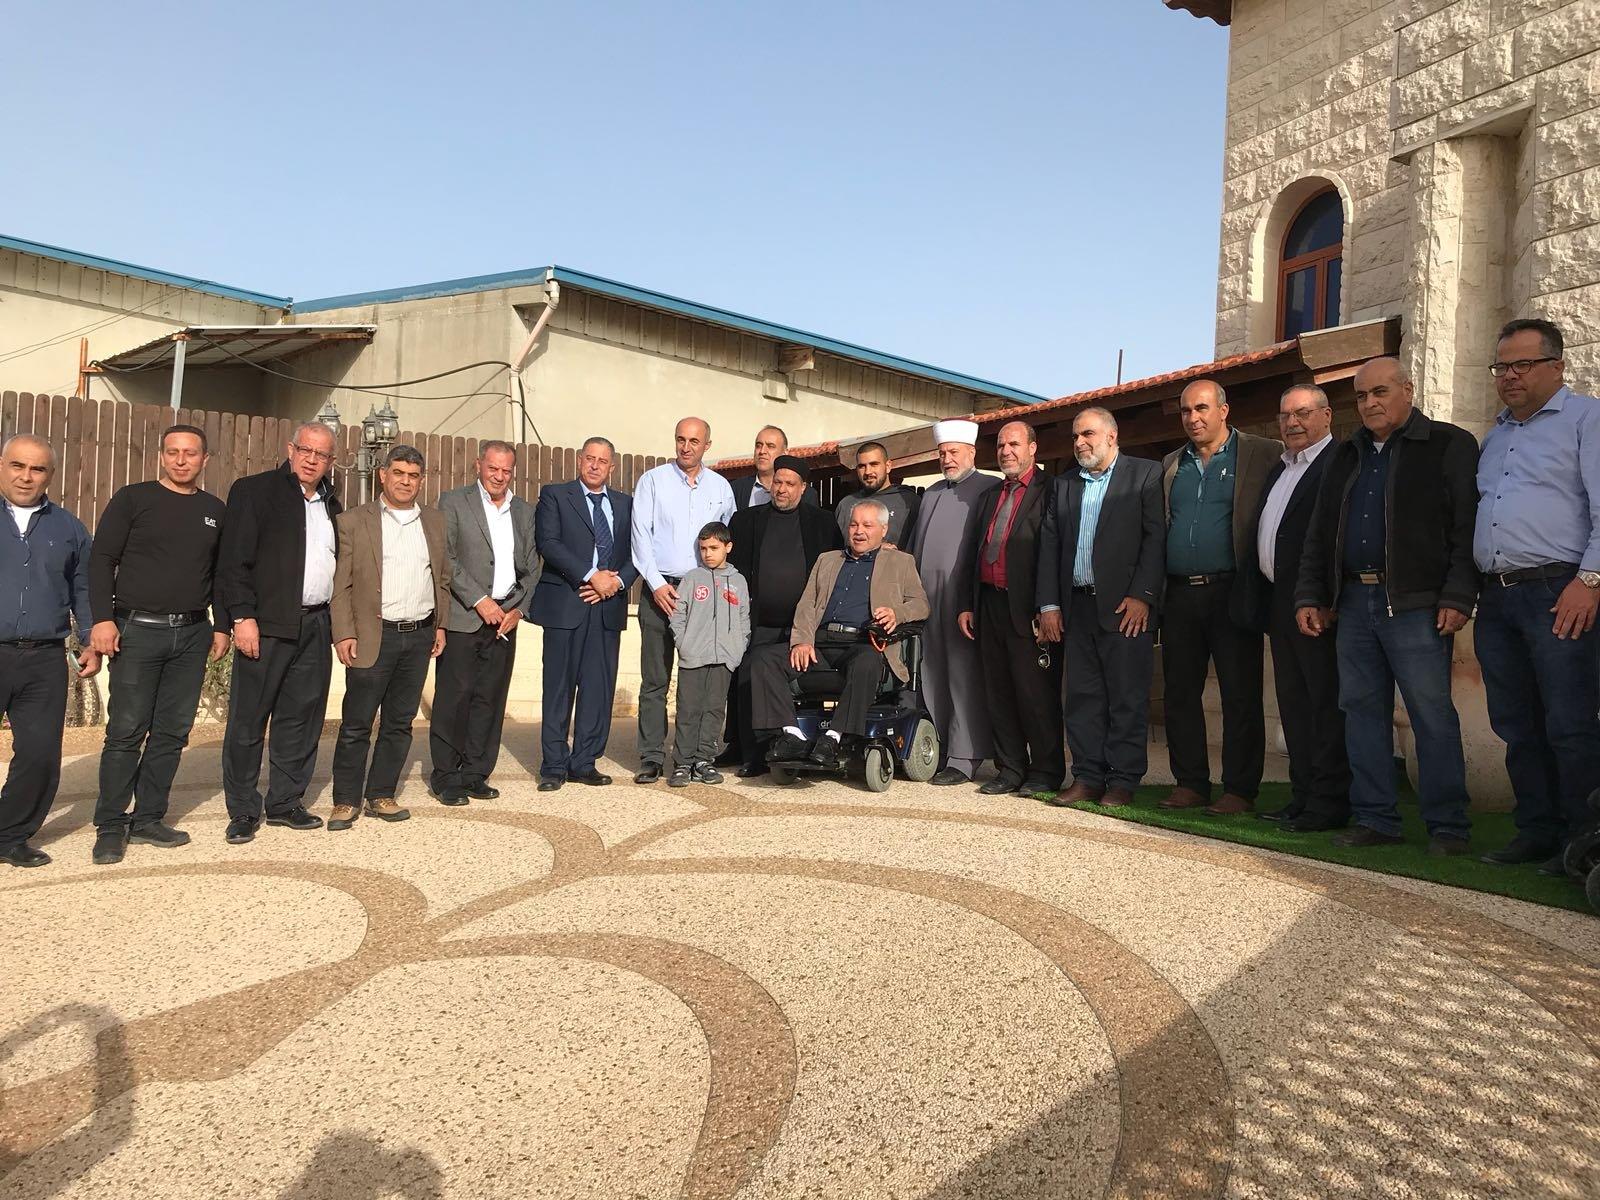 وزير الاوقاف الفلسطيني ومفتي القدس والديار الفلسطينية في زيارة لمدينة ام الفحم